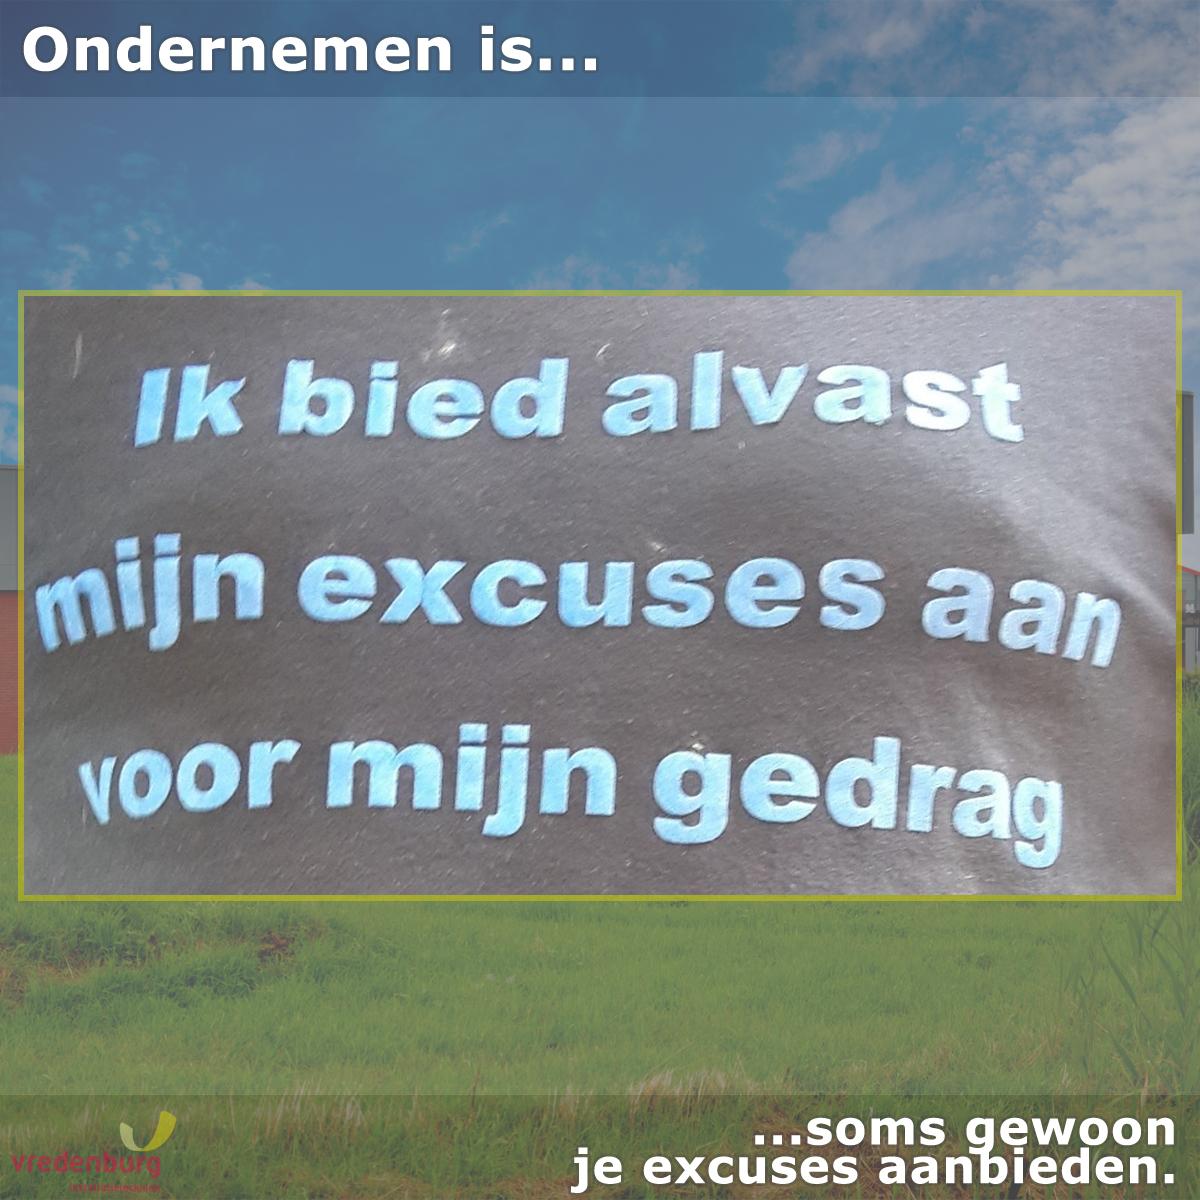 Ondernemen is.. excuses aanbieden